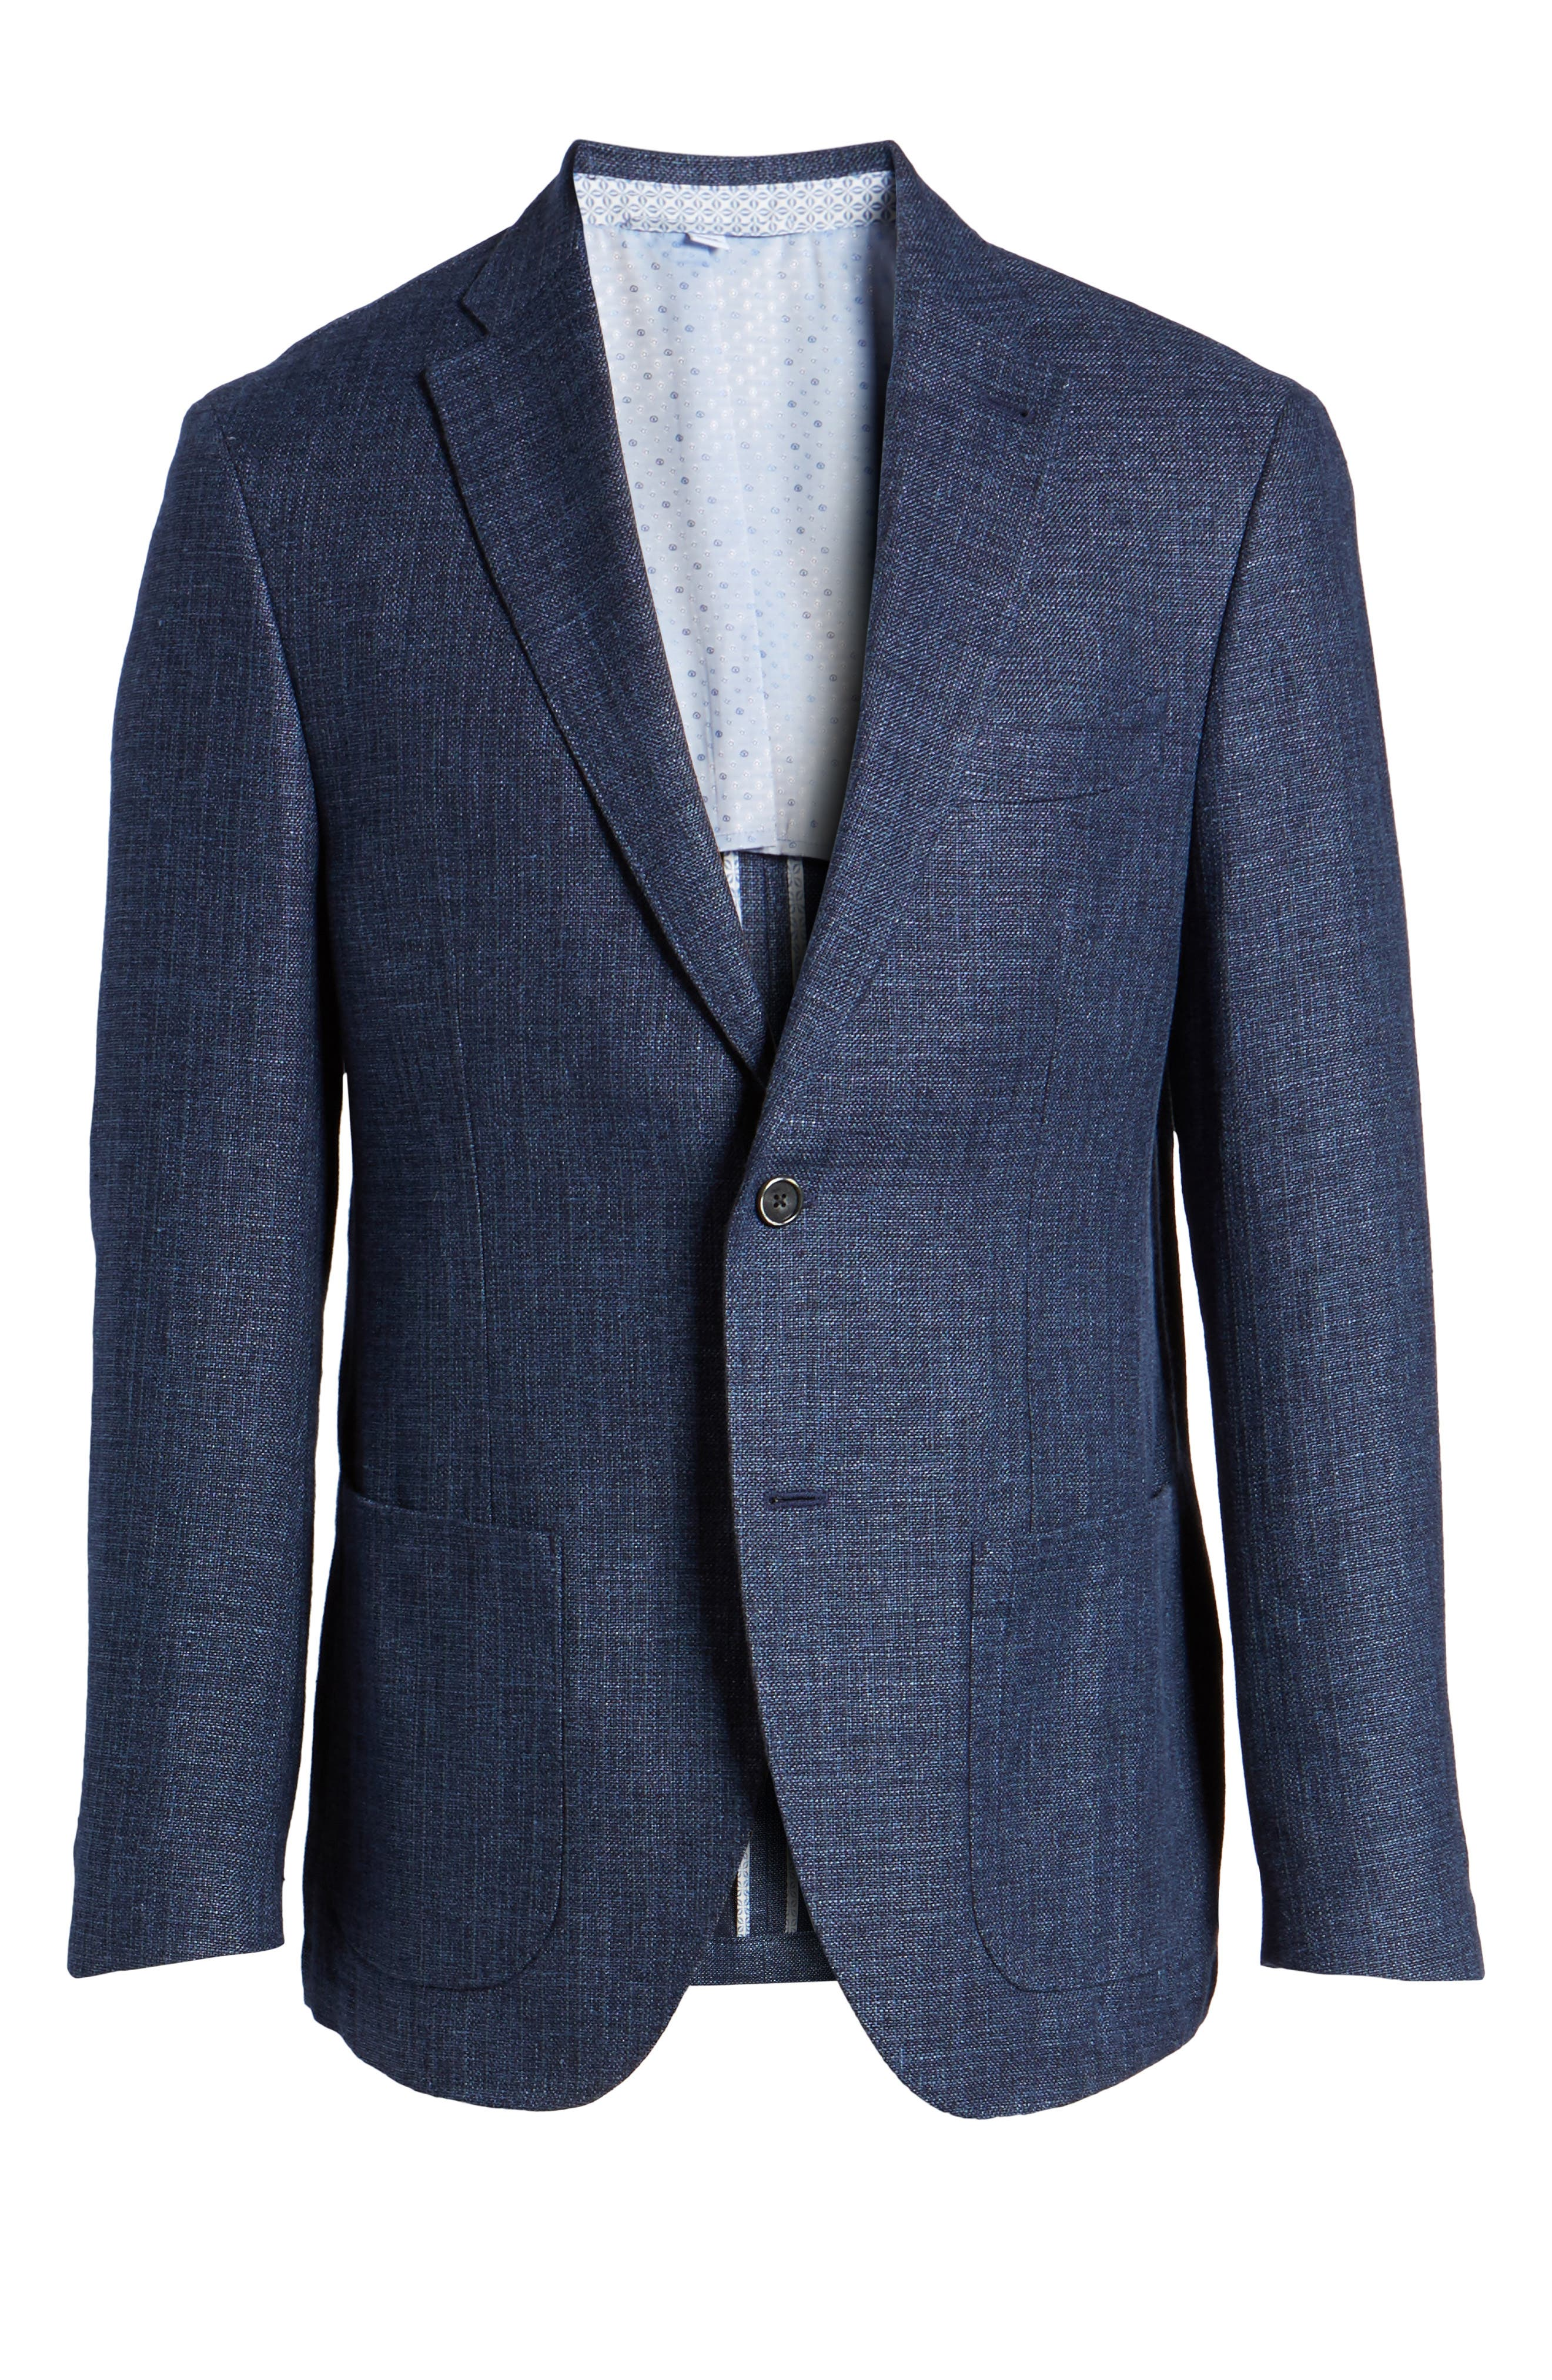 Trent Trim Fit Wool & Linen Blazer,                             Alternate thumbnail 5, color,                             410